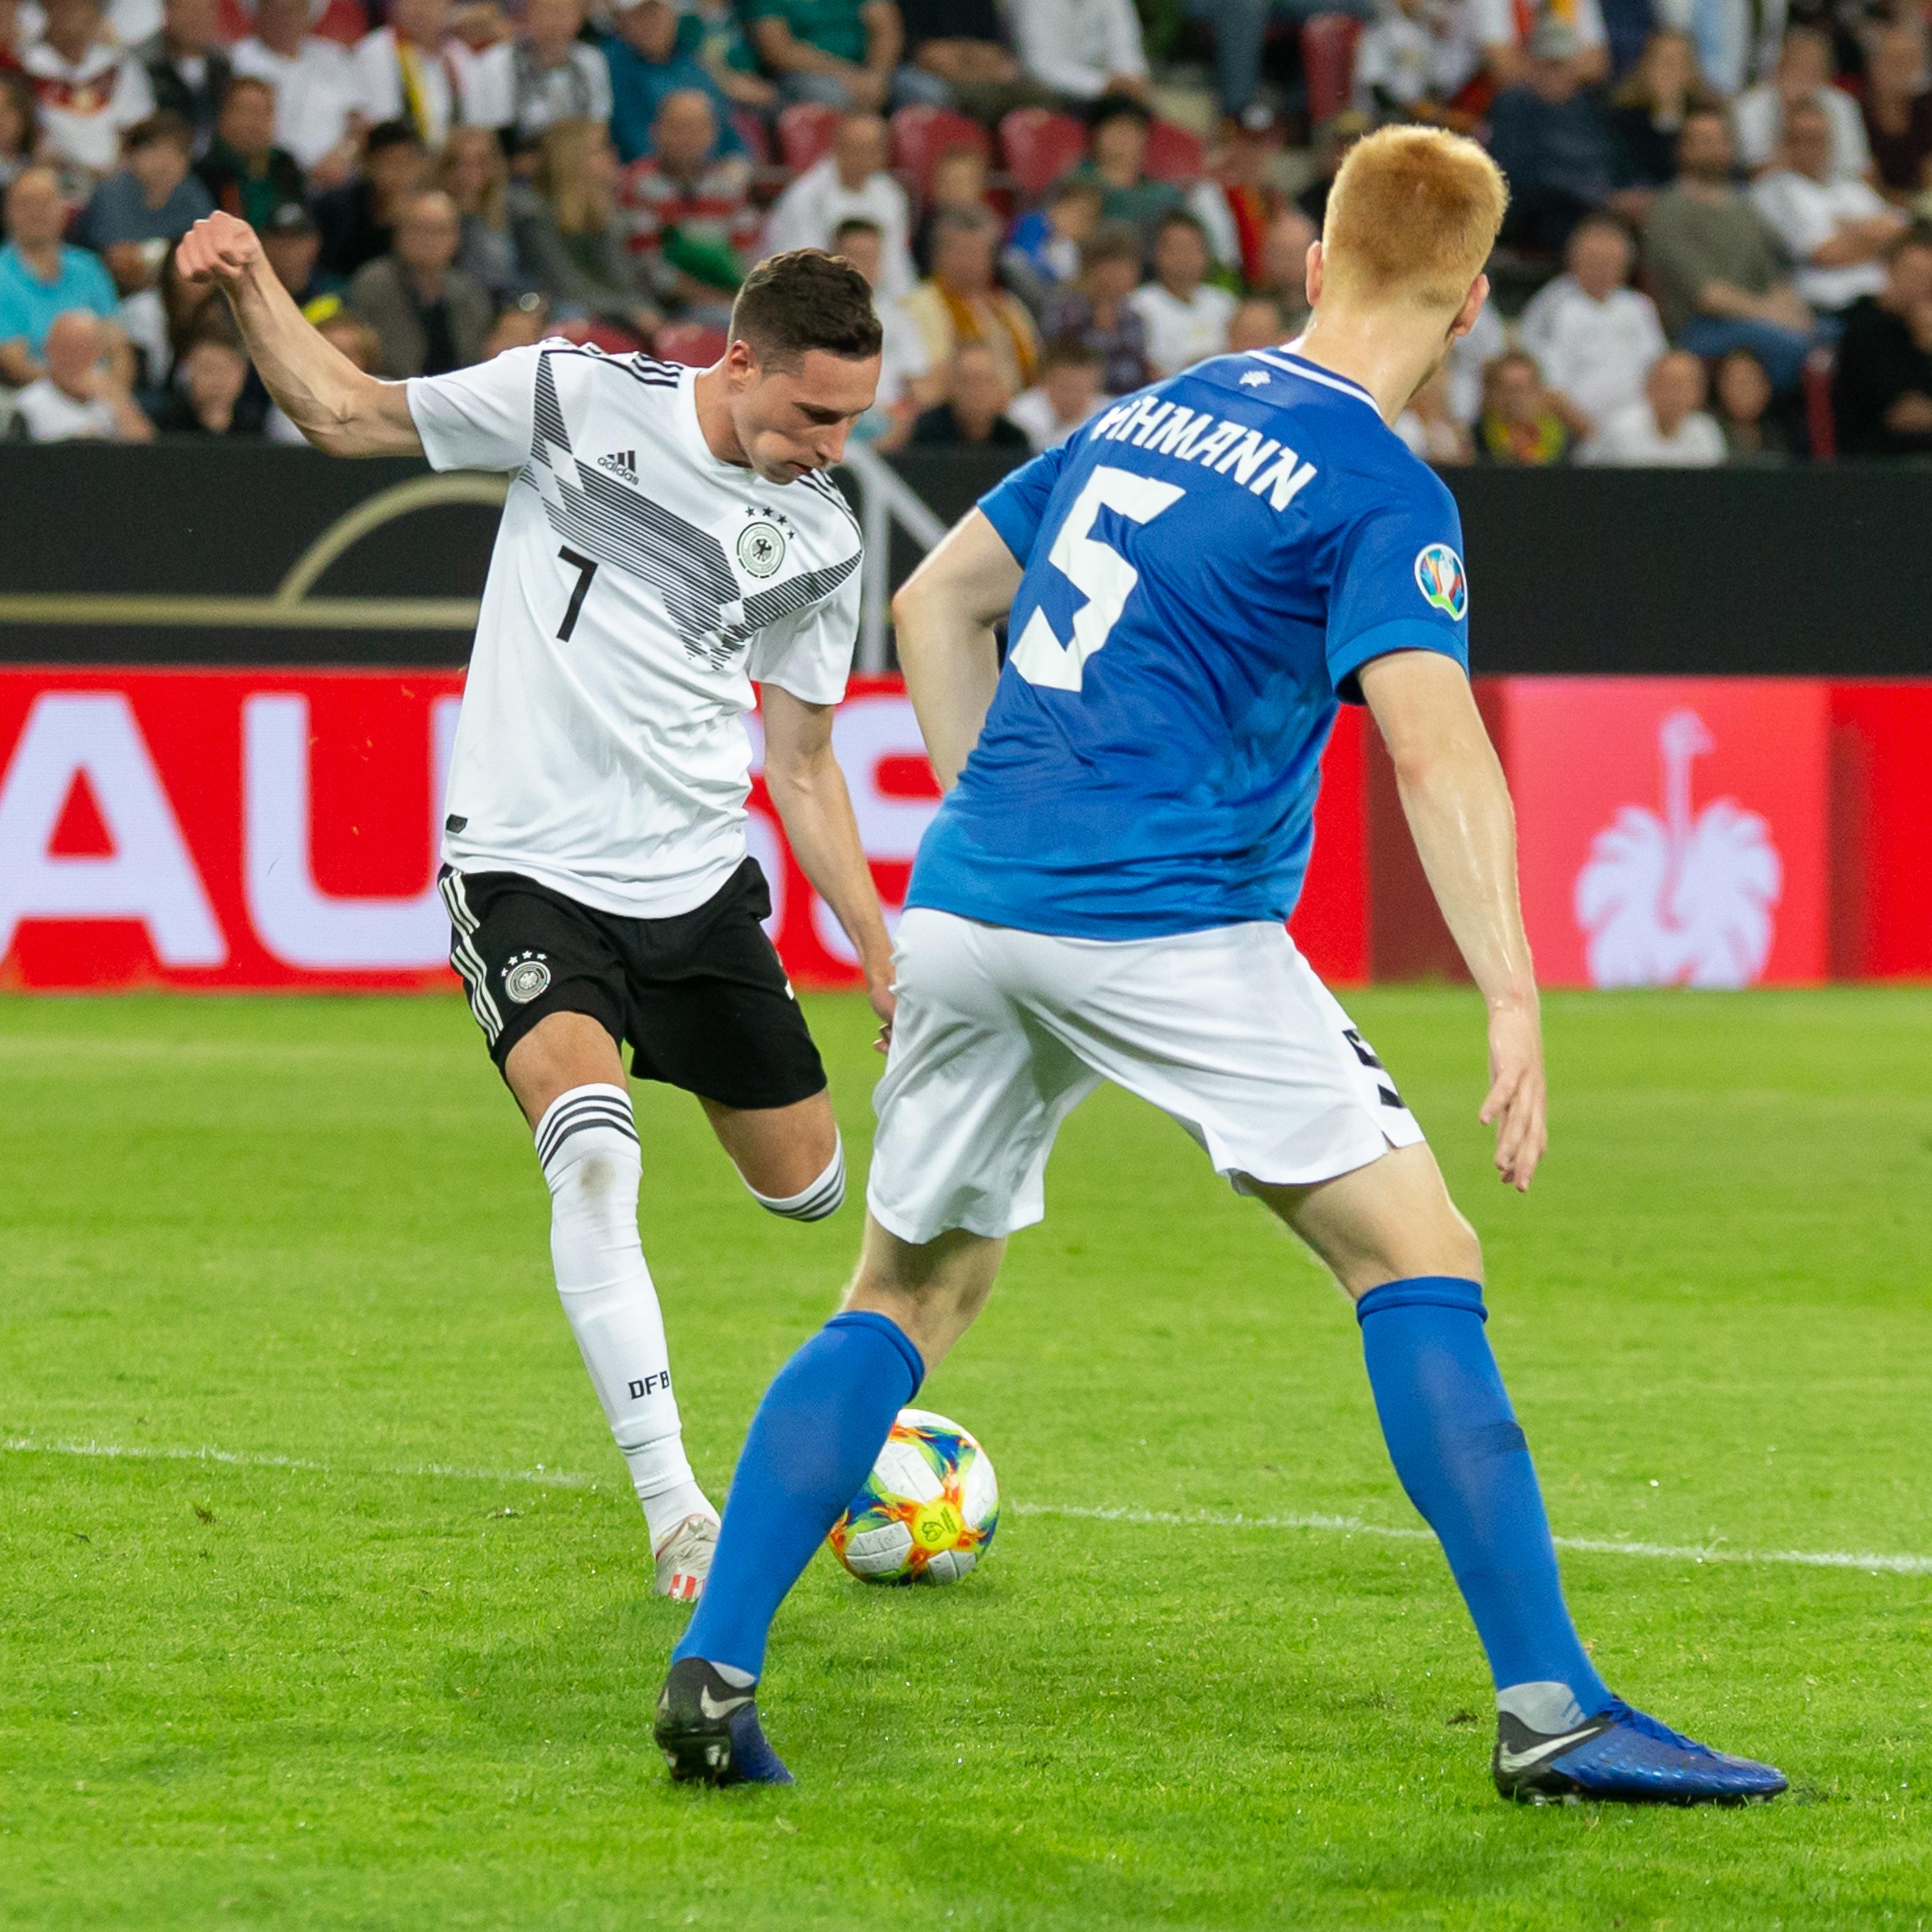 File:2019-06-11 Fußball, Männer, Länderspiel, Deutschland-Estland StP 2267 LR10 by Stepro.jpg